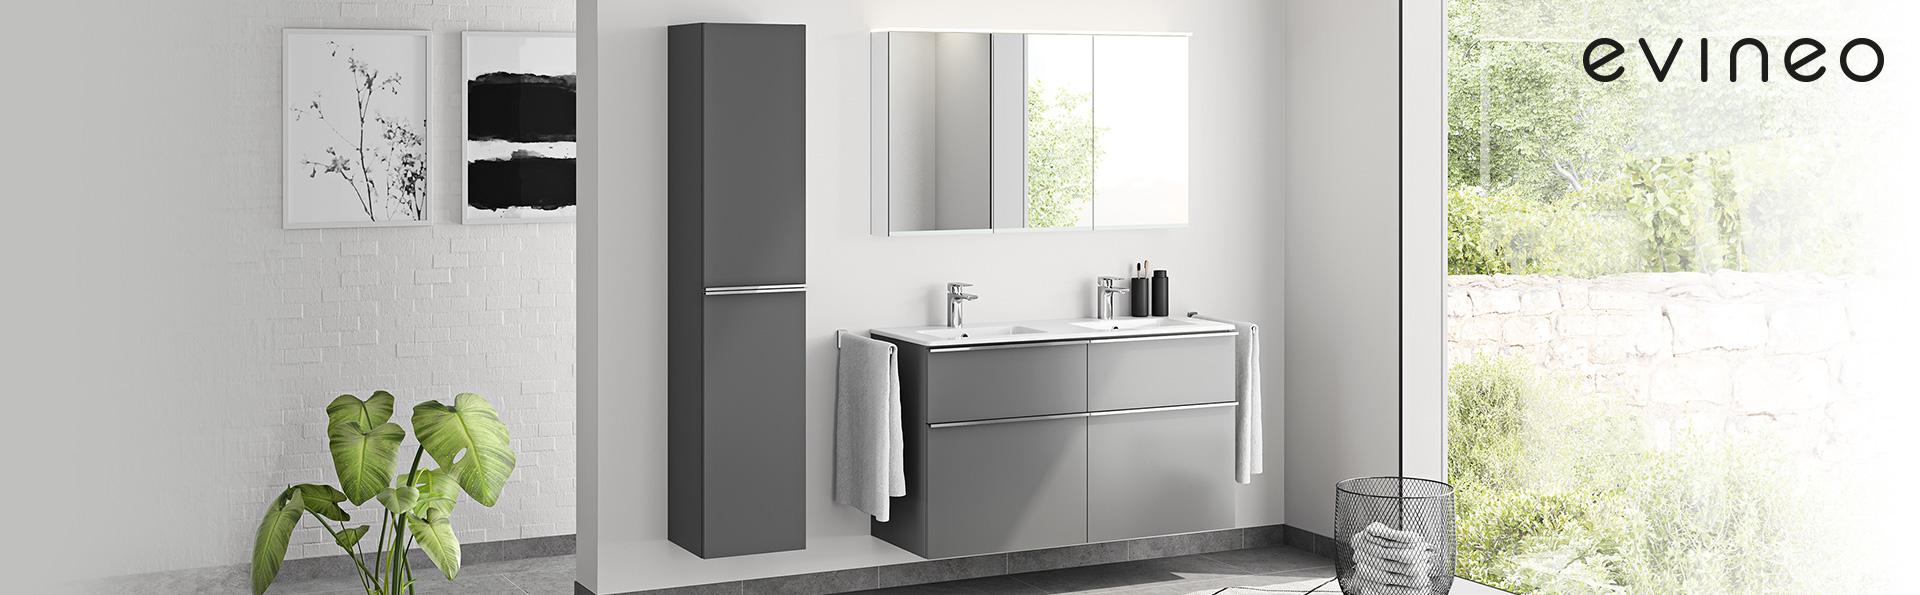 Sanitär Shop   Online Produkte fürs Bad kaufen bei REUTER